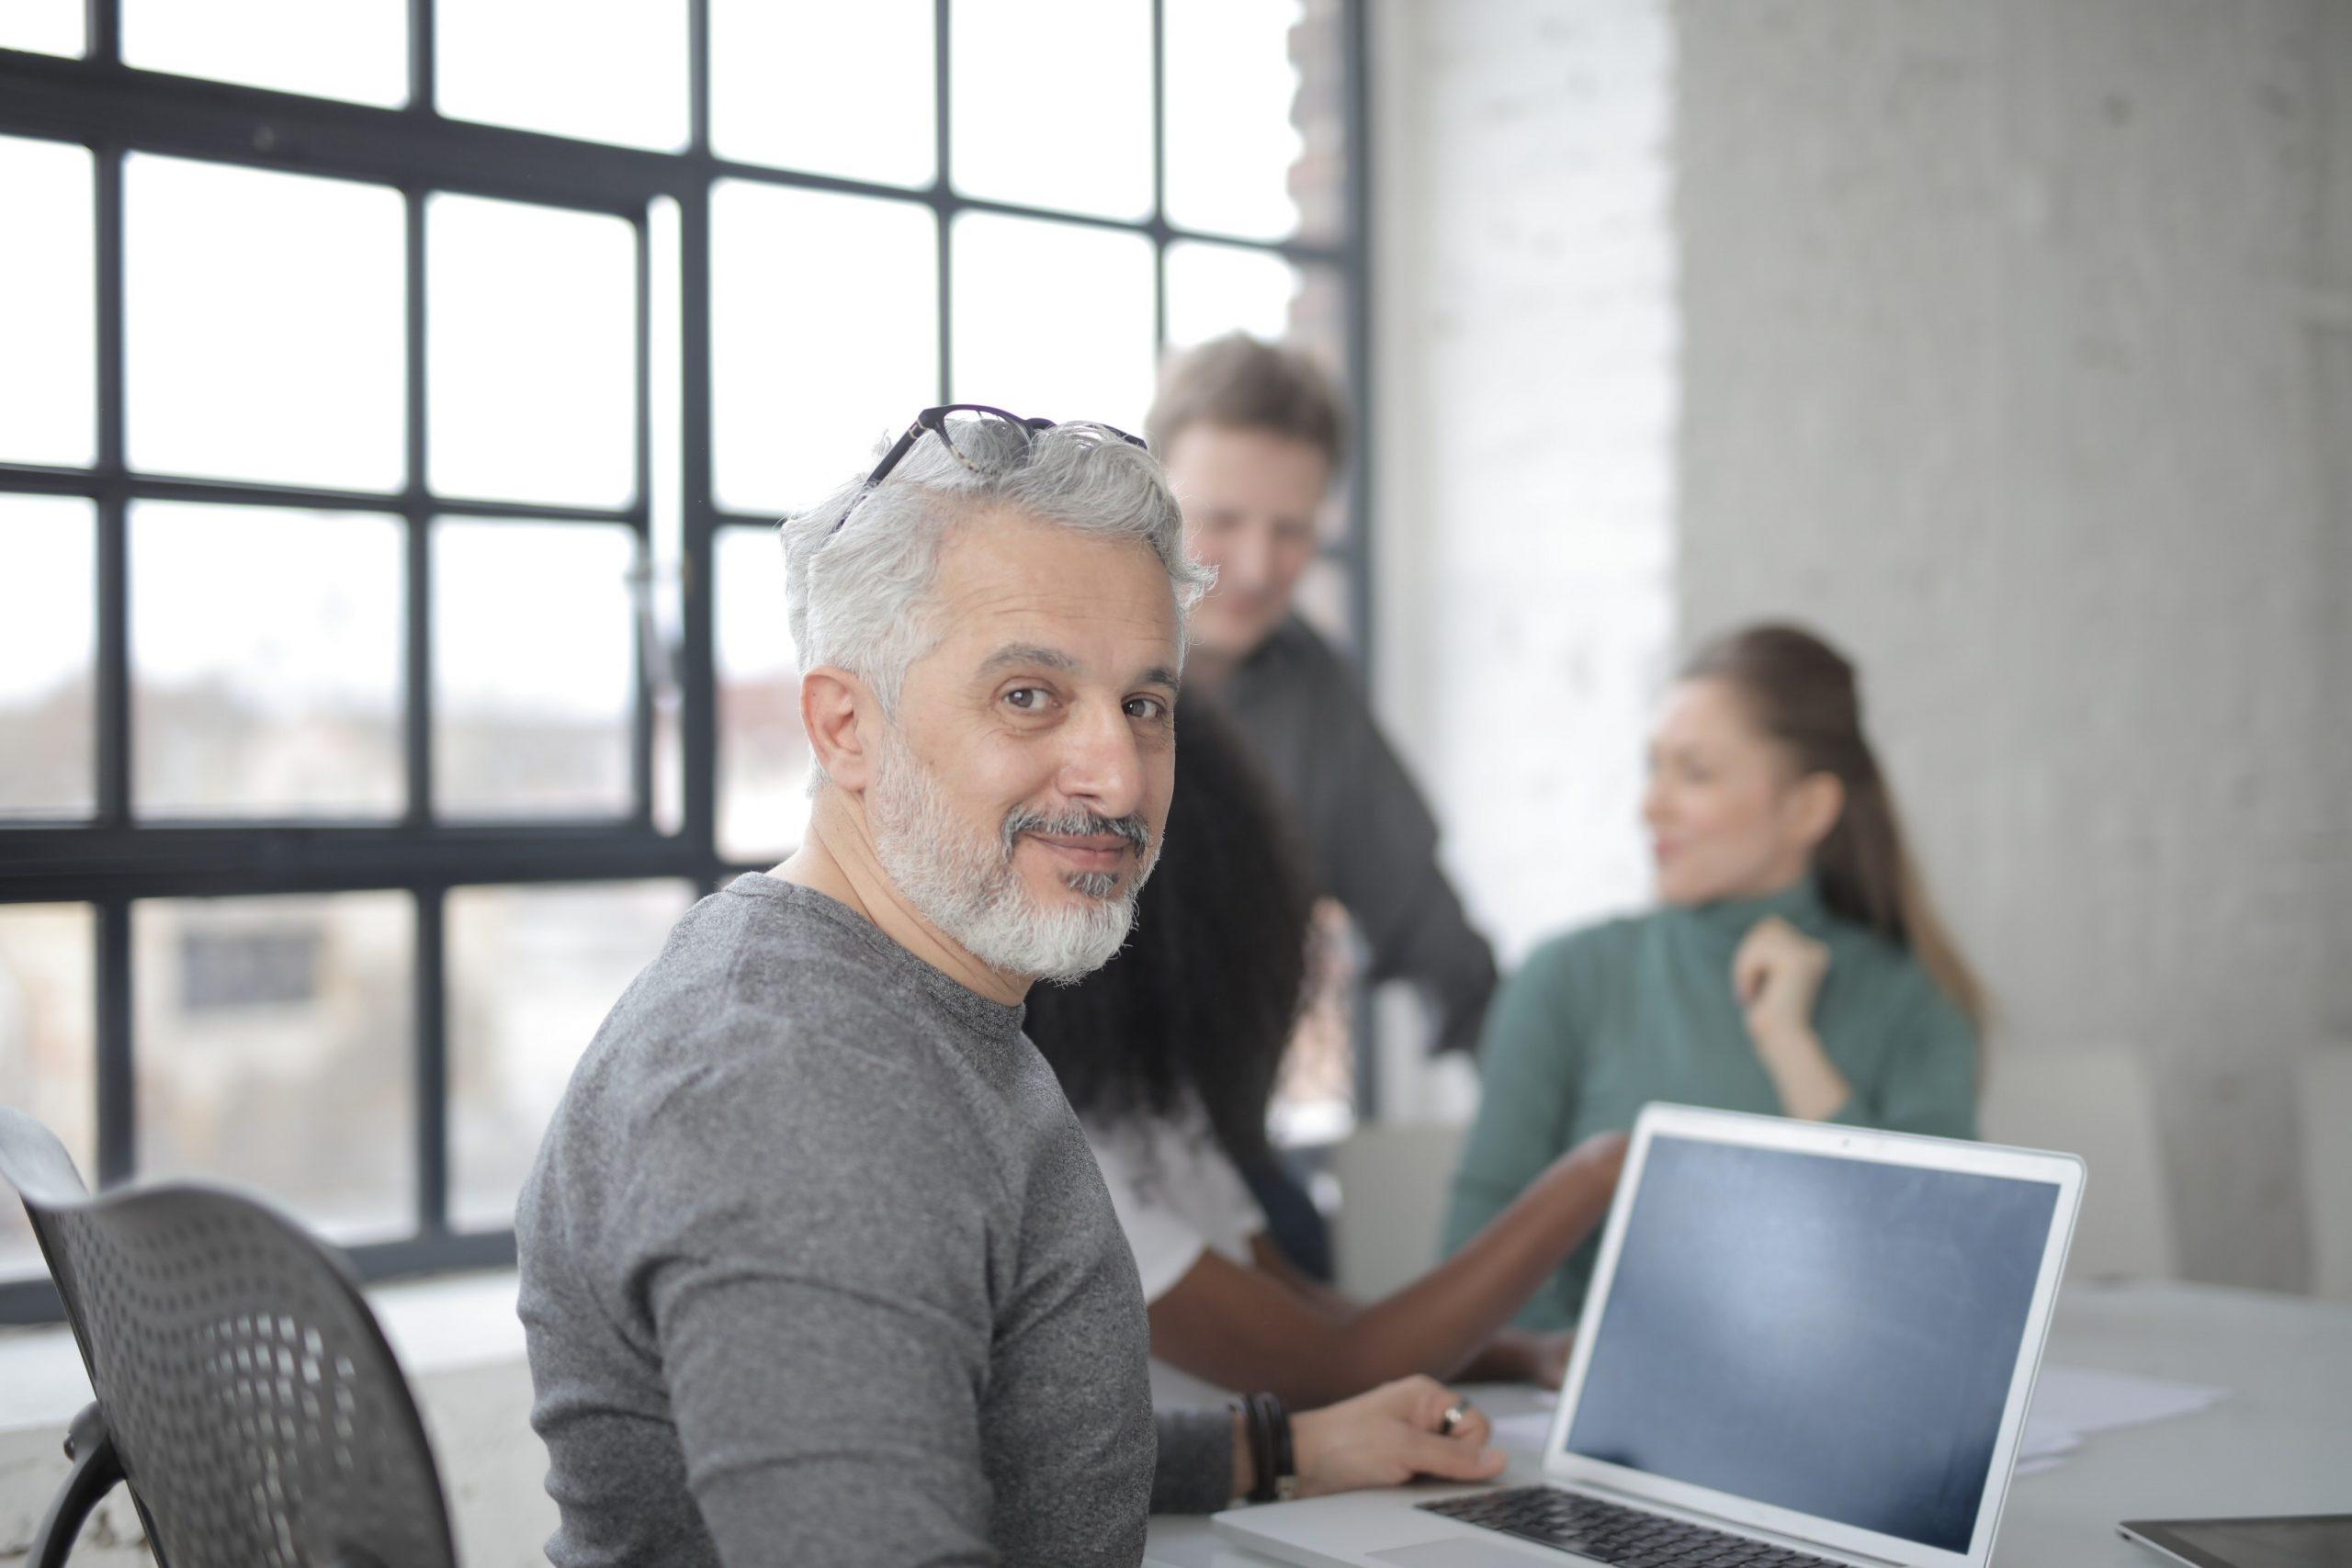 Homme grisonnant devant un ordinateur portable.